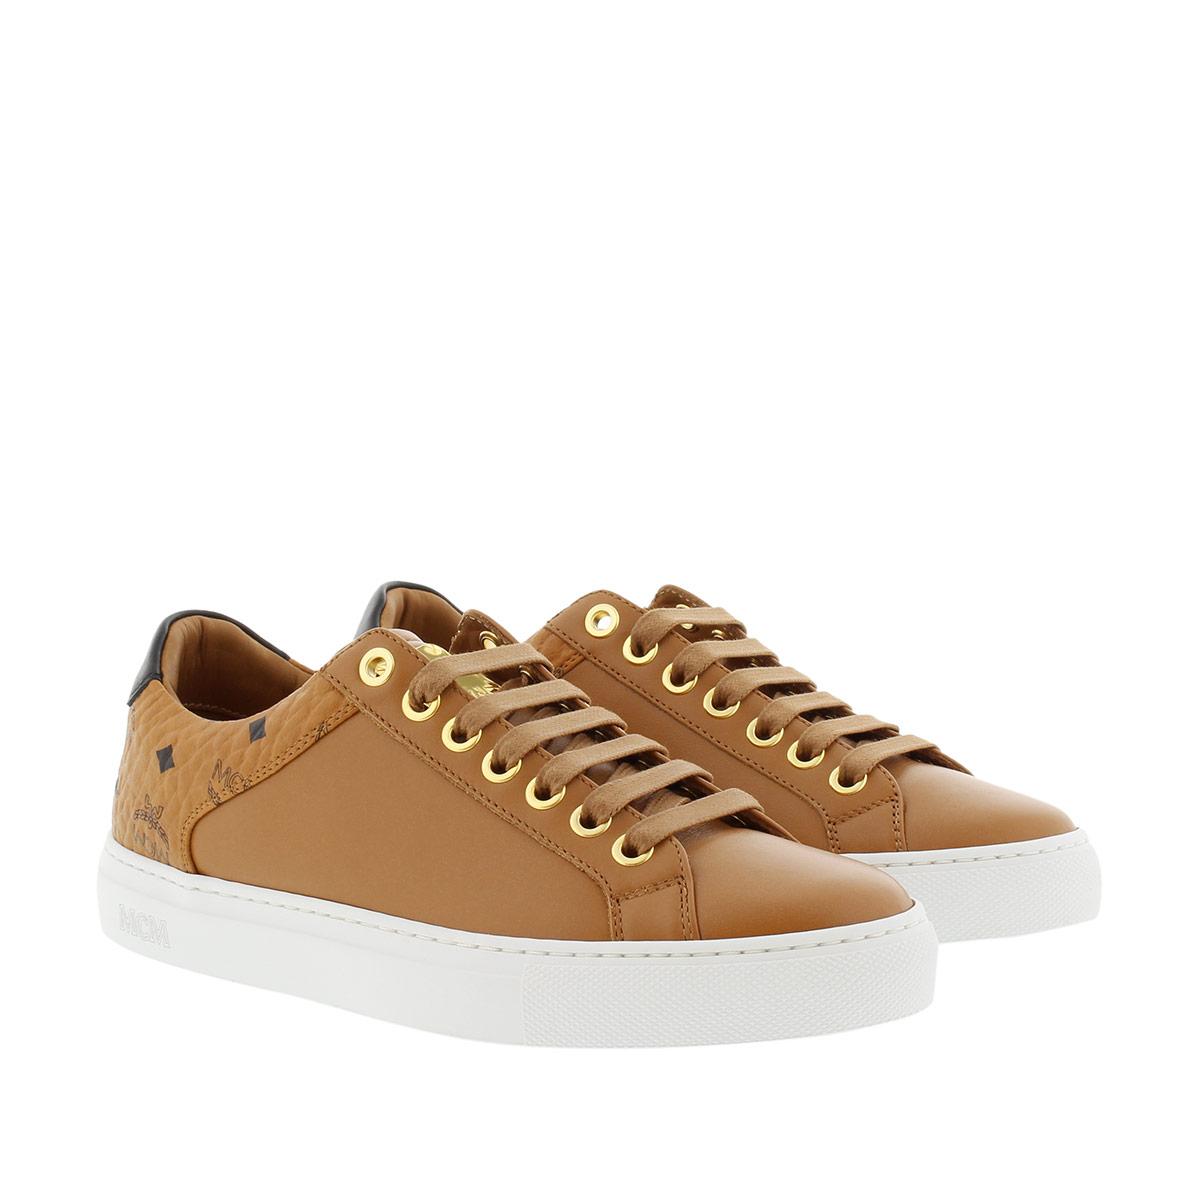 Sneaker Visetos Cognac In Damen Sneakers Mcm Combi Für c3ARj54Lq